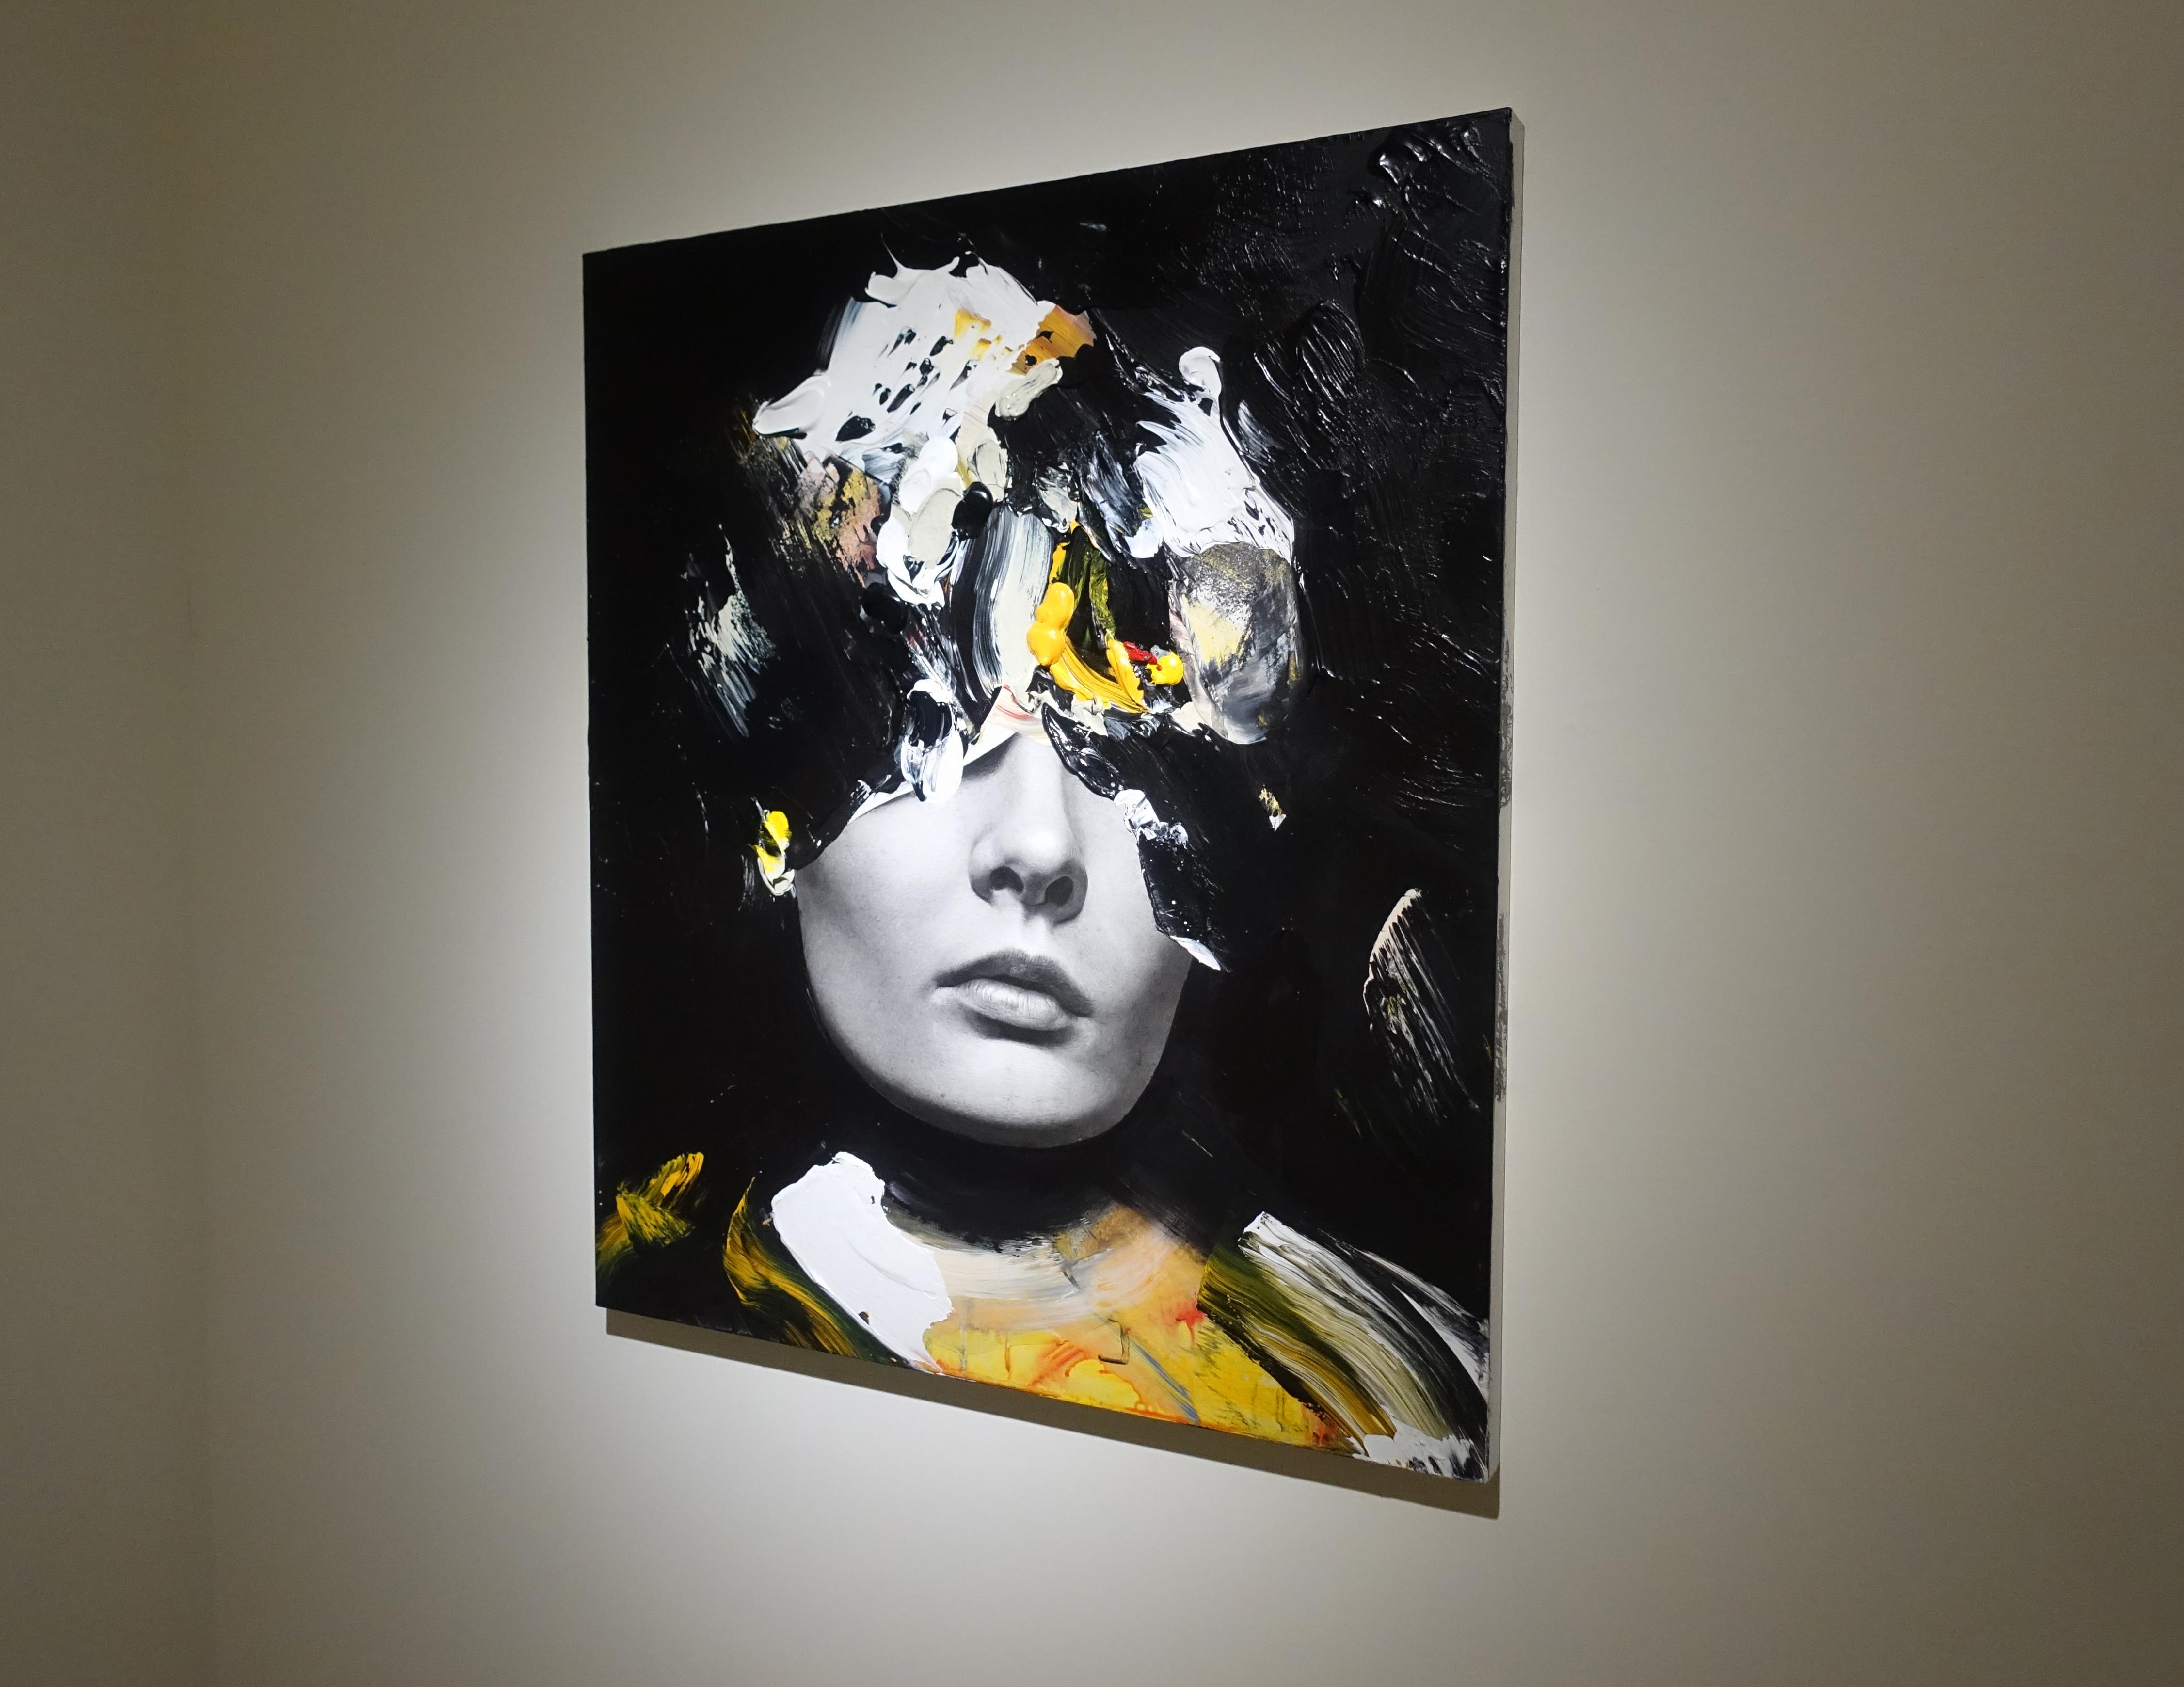 佐藤誠高,《Star》,53 x 45.5 cm,鉛筆、壓克力、紙、木板,2019。